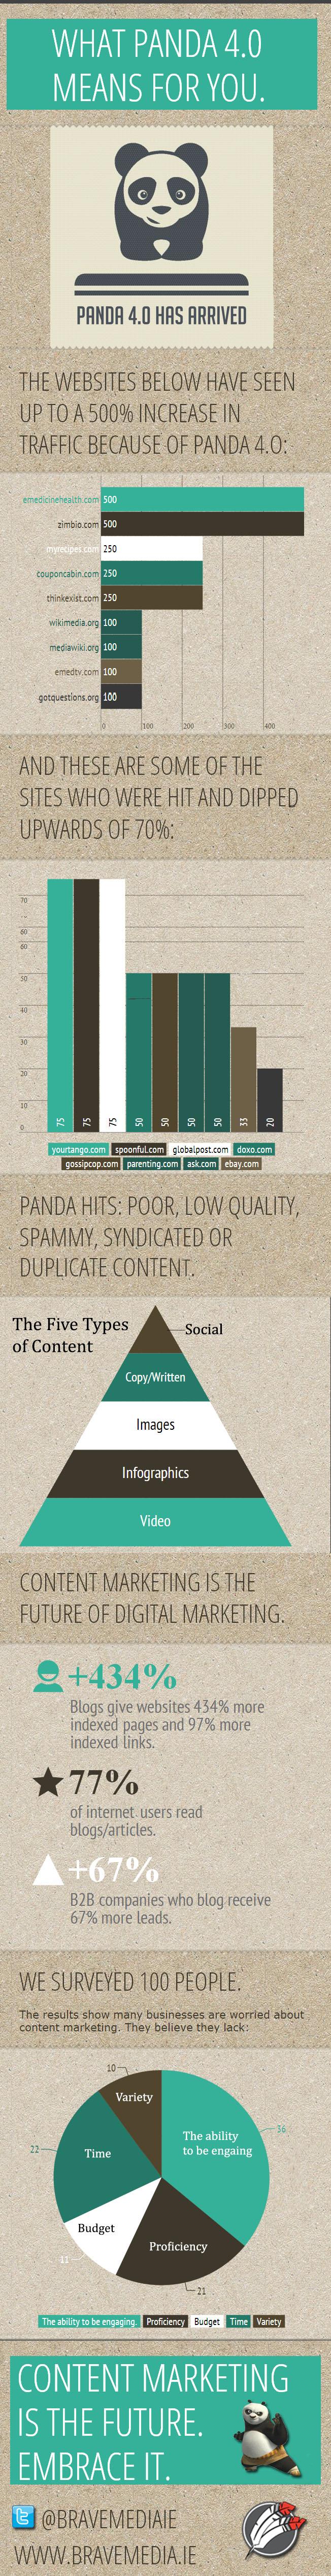 Cosa significa il Panda 4.0 per te